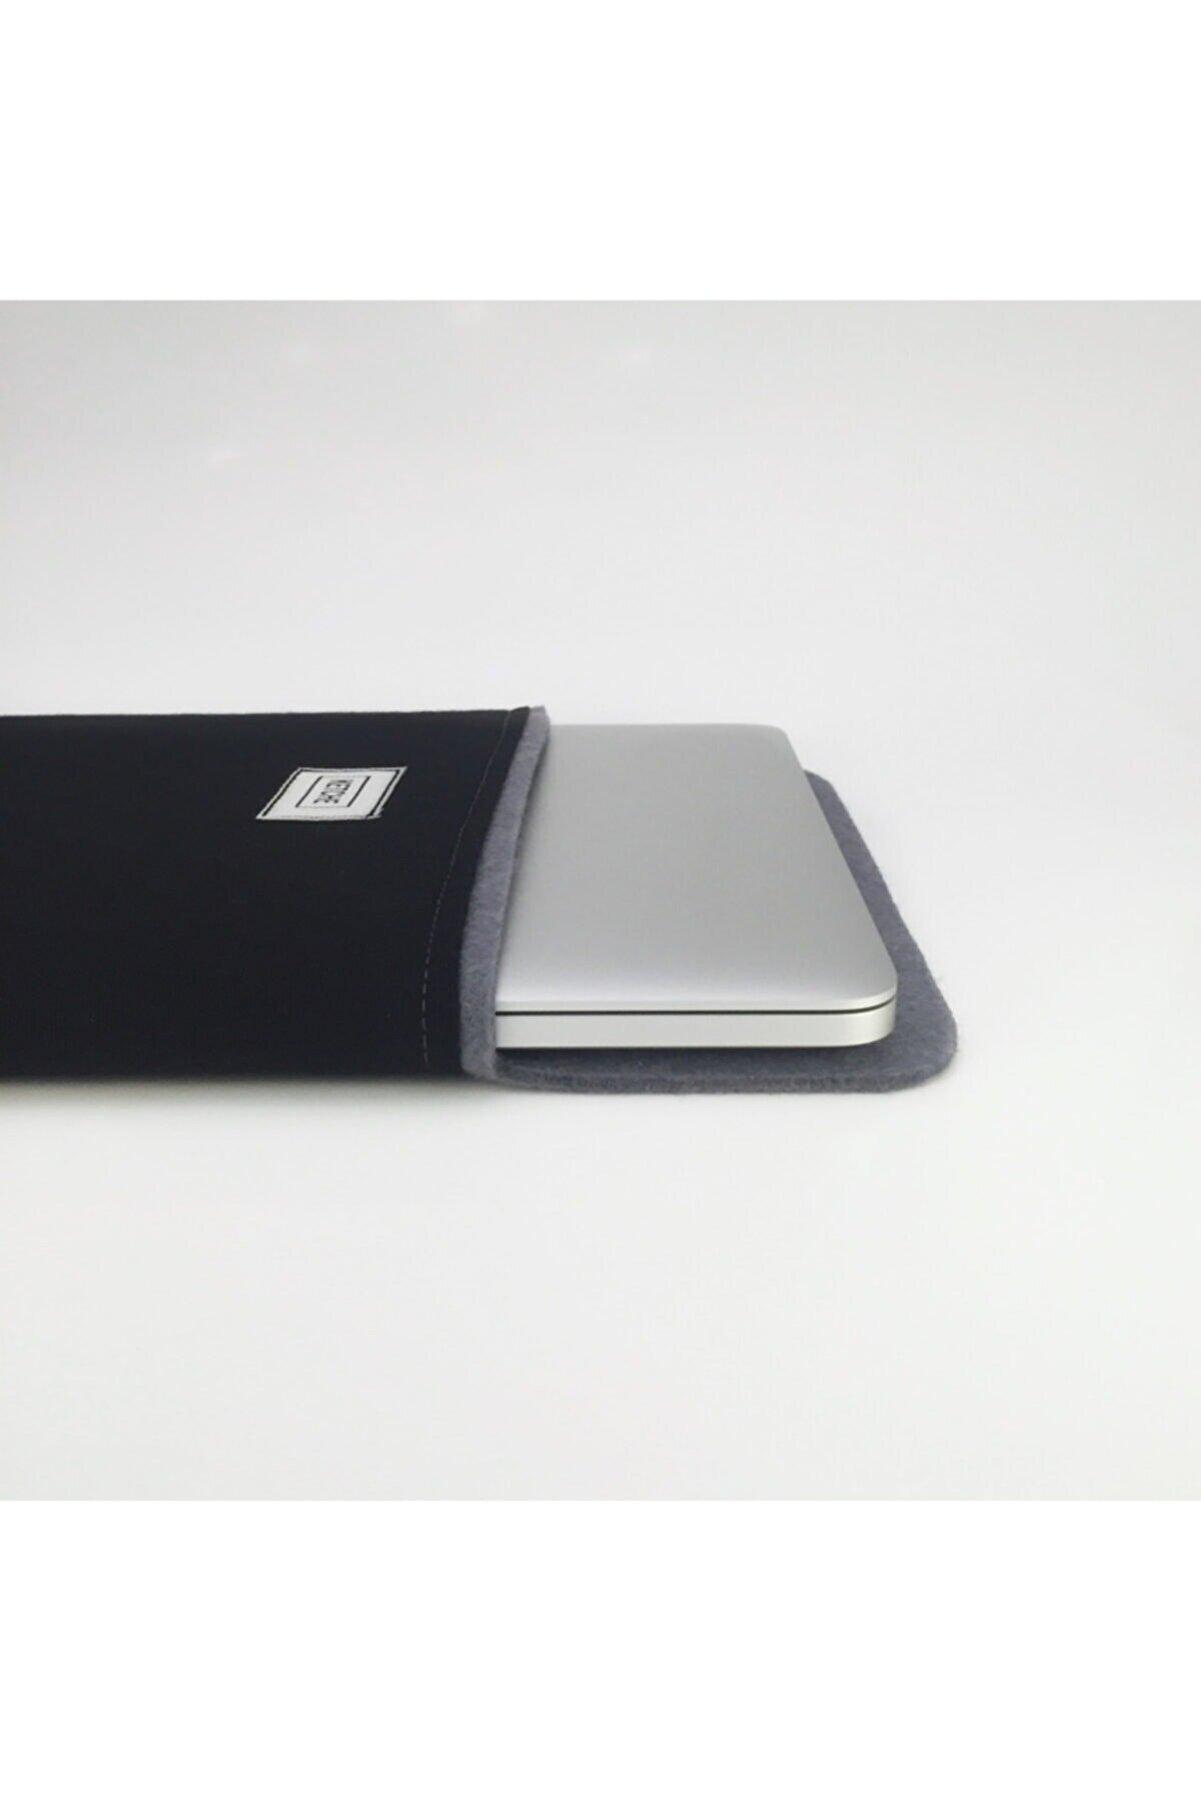 Ketche Huawei Matebook D14 14 Inç Gri Bilgisayar Kılıfı